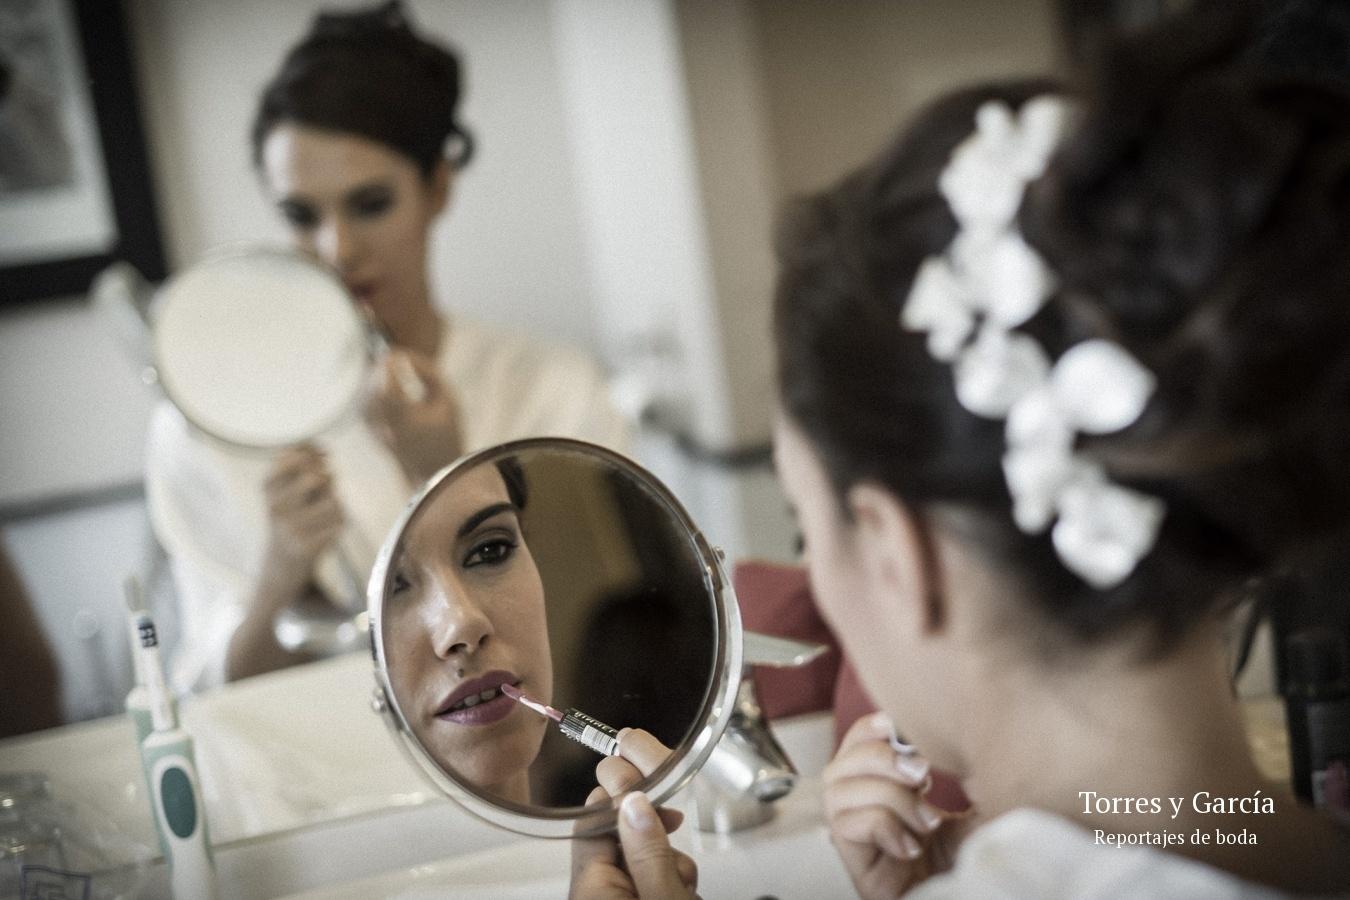 la novia se maquilla - Fotografías - Libros y reportajes de boda diferentes.